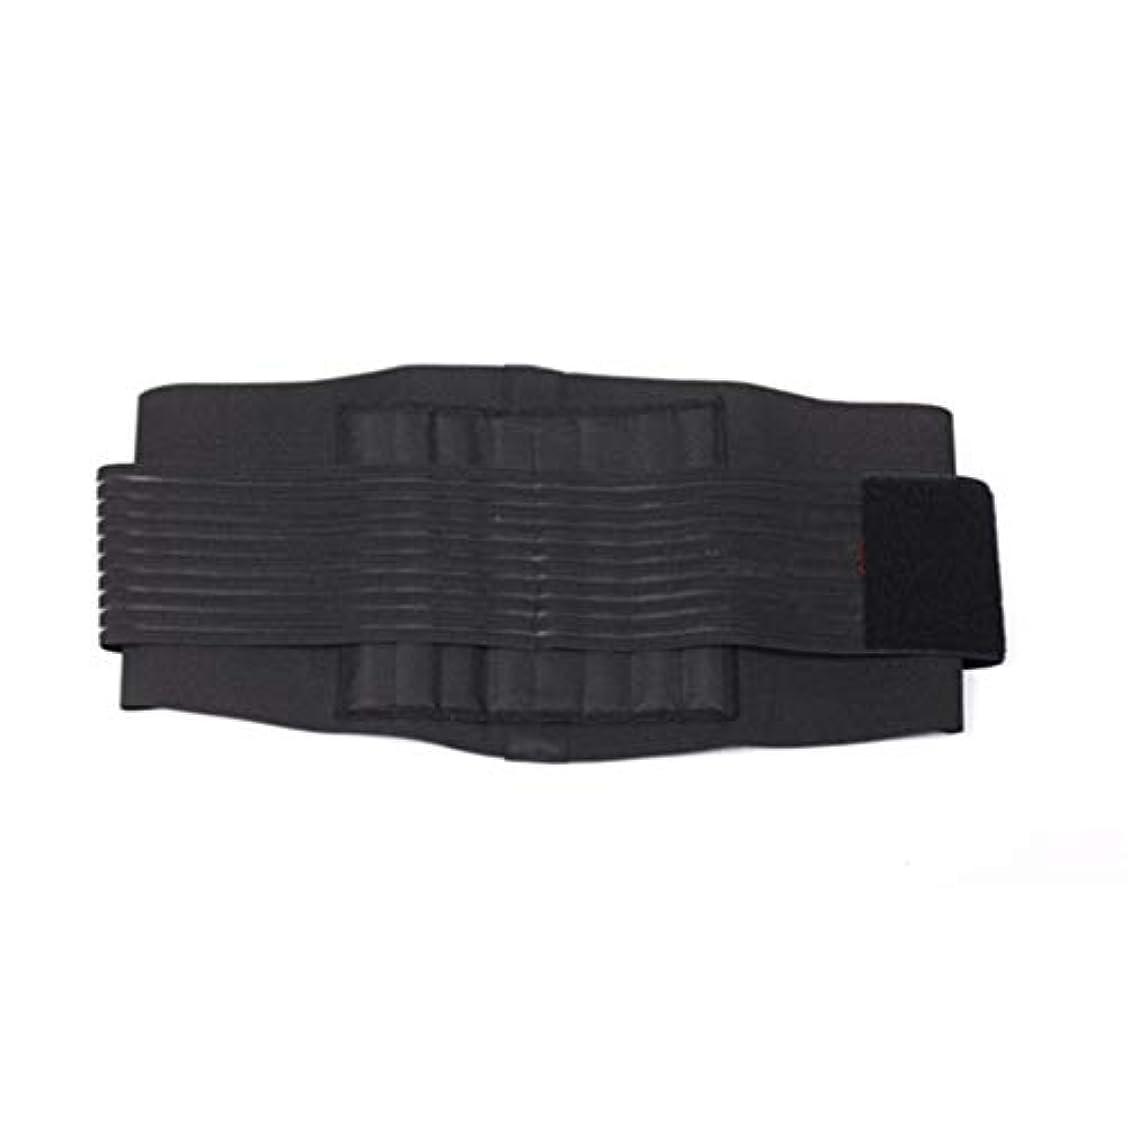 ファンド予備望み補正ベルトスチールウエストサポートブレース弾性腹部保護-Rustle666